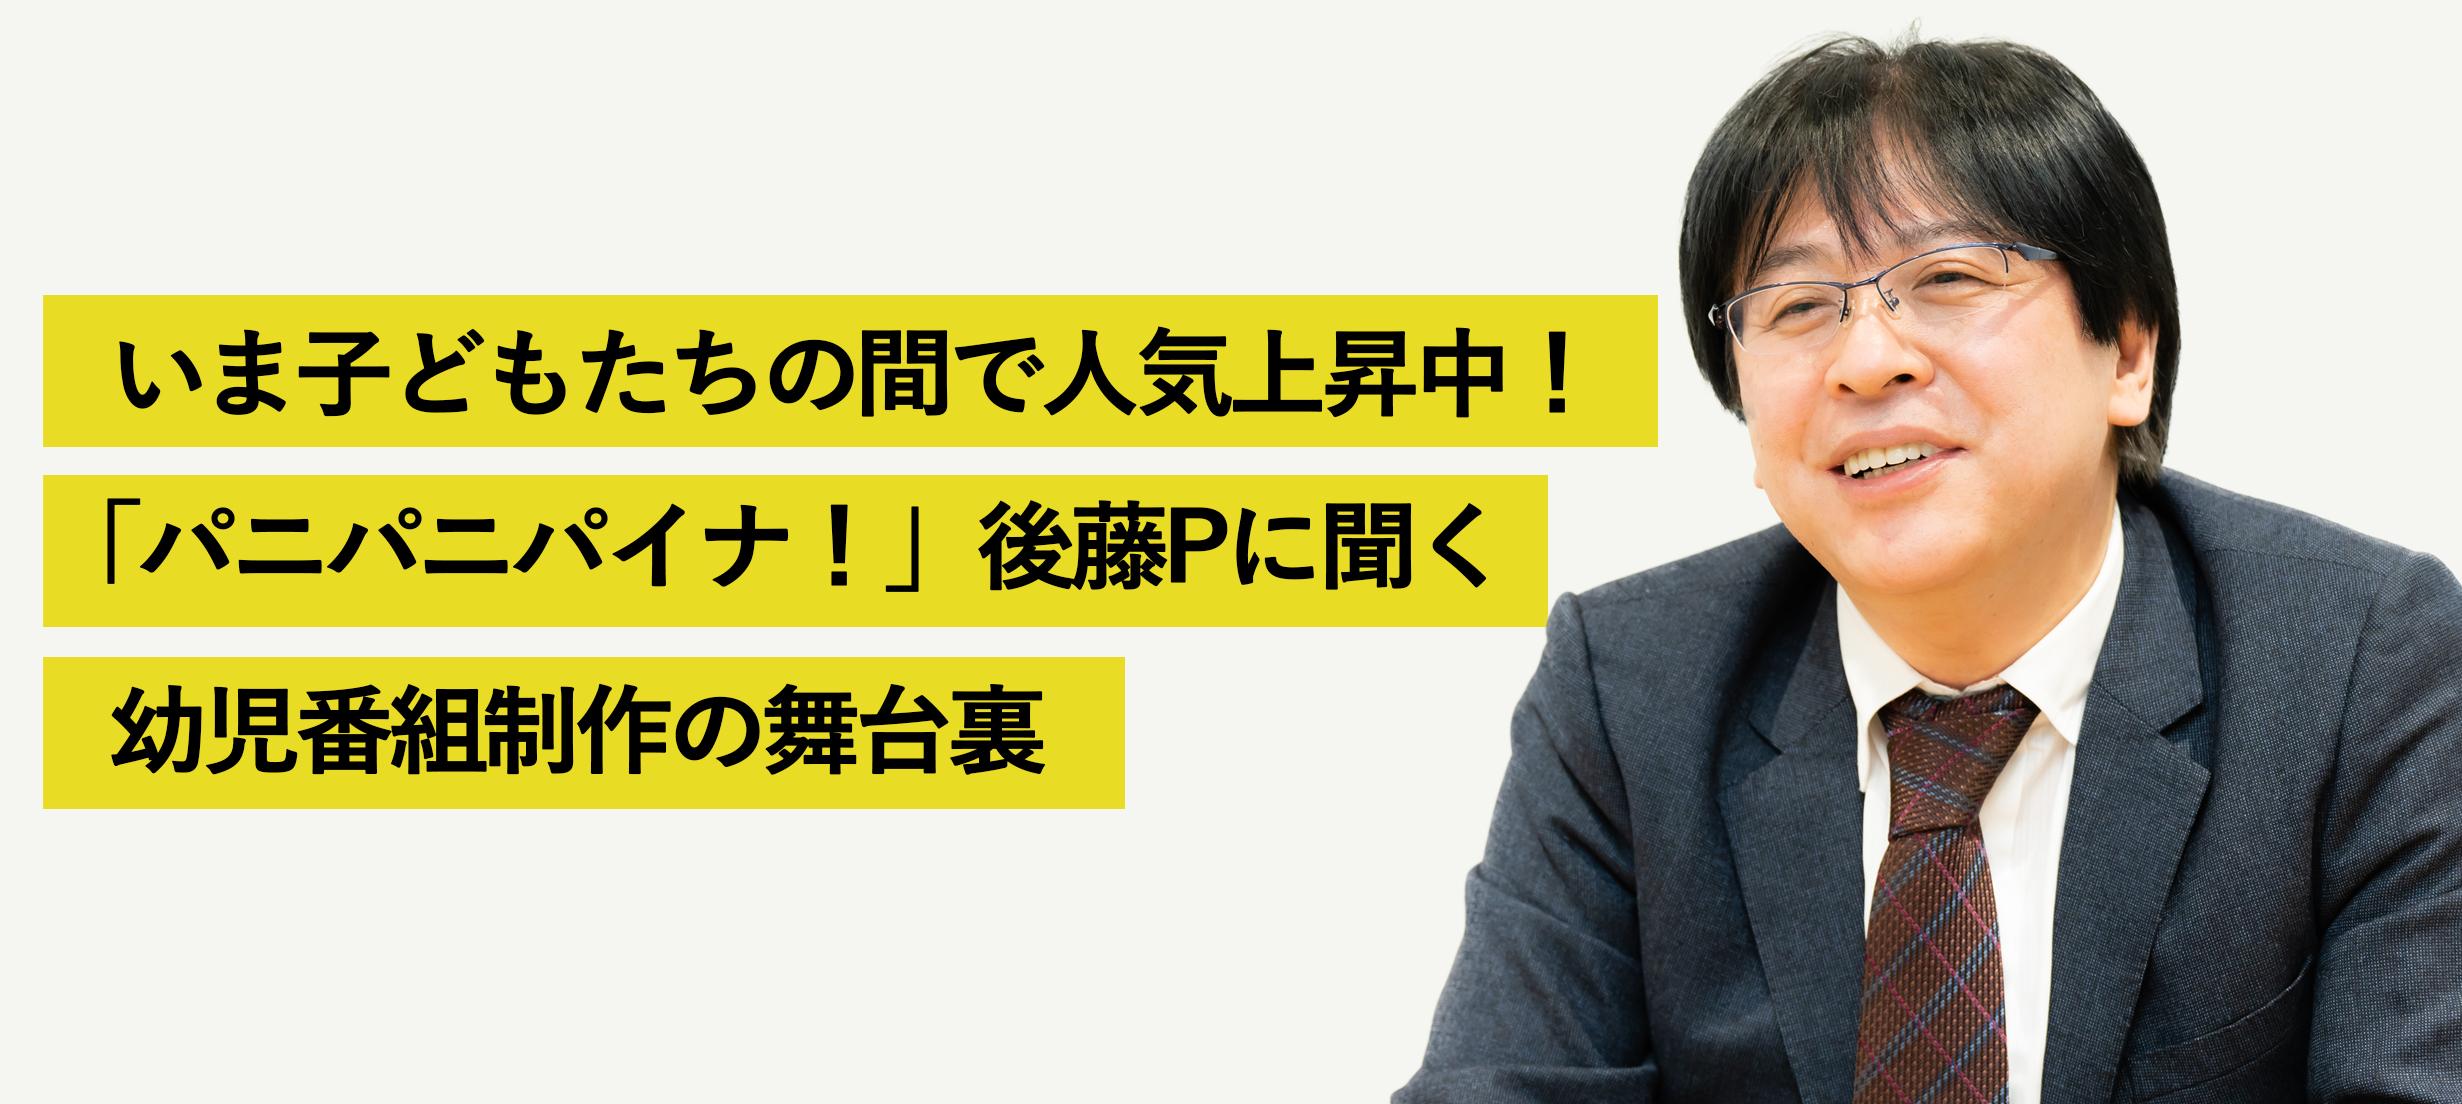 いま、子どもたちの間で人気上昇中!『パニパニパイナ!』後藤嘉文Pに聞く、幼児番組制作の舞台裏